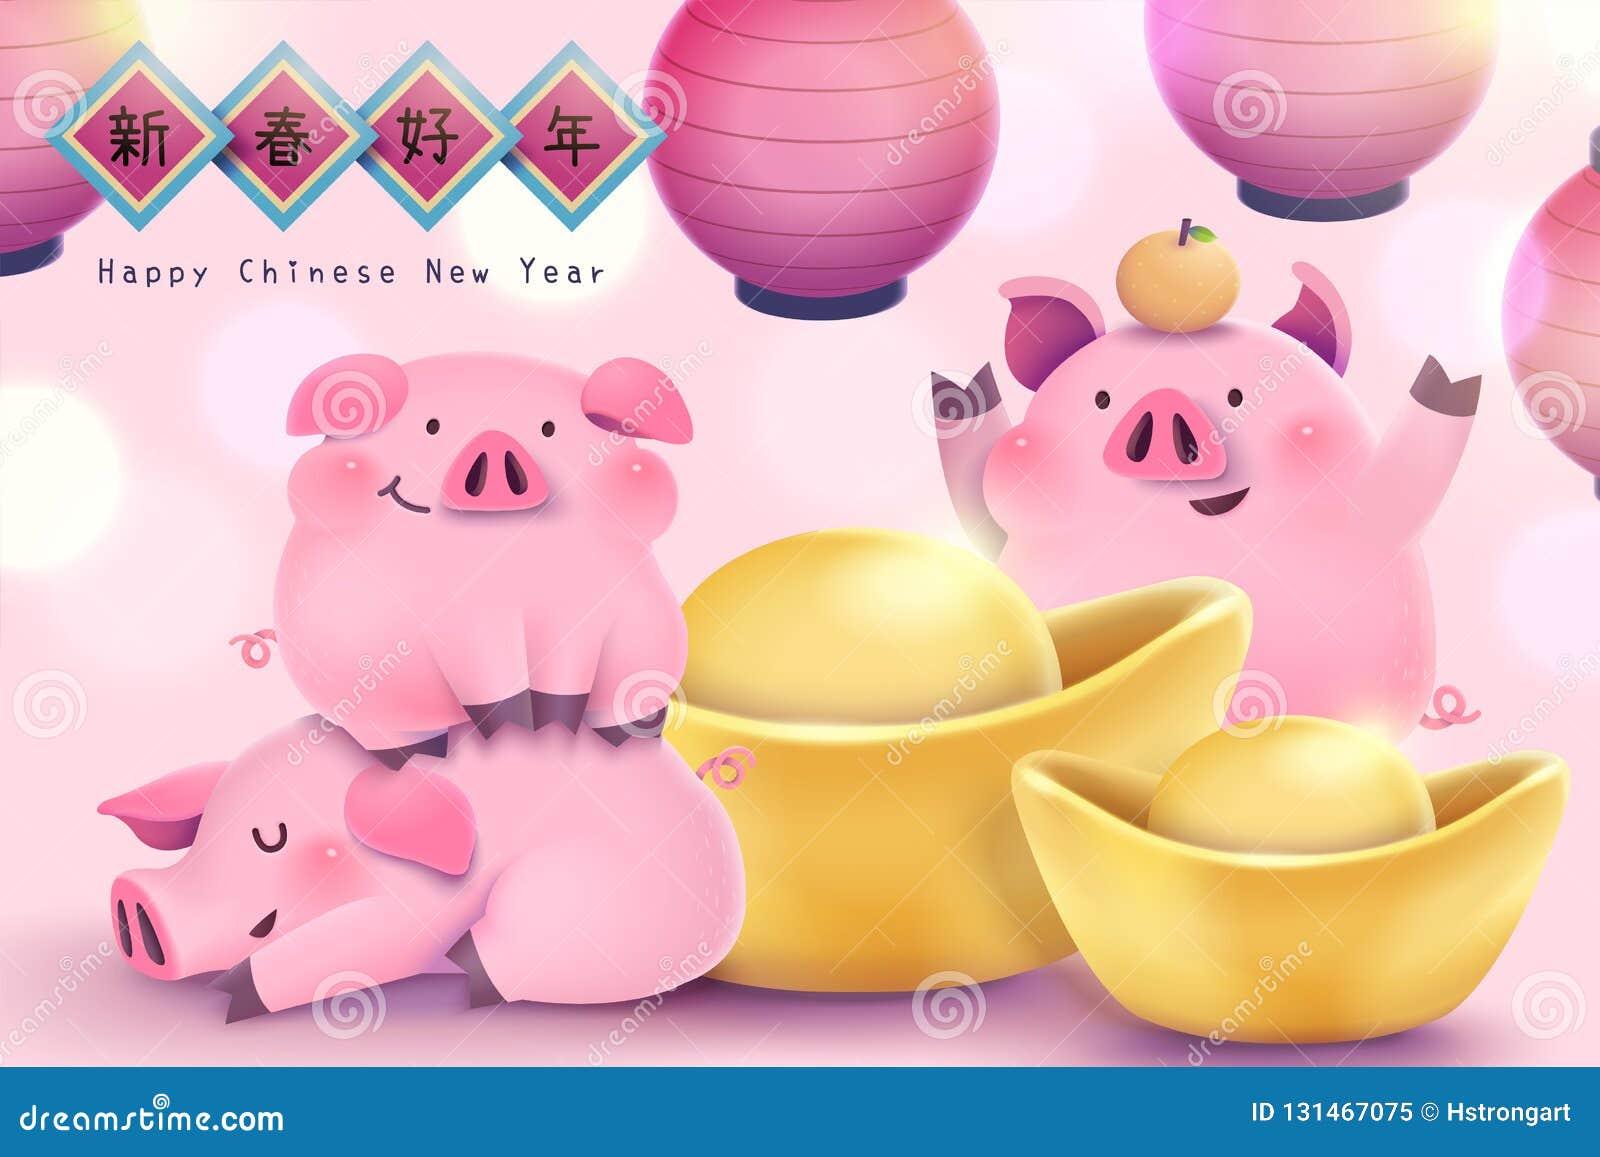 Китайский Новый Год с пухлыми свиньями и золотым инготом, радушная весна написанная в китайских характерах на блестящей розовой п